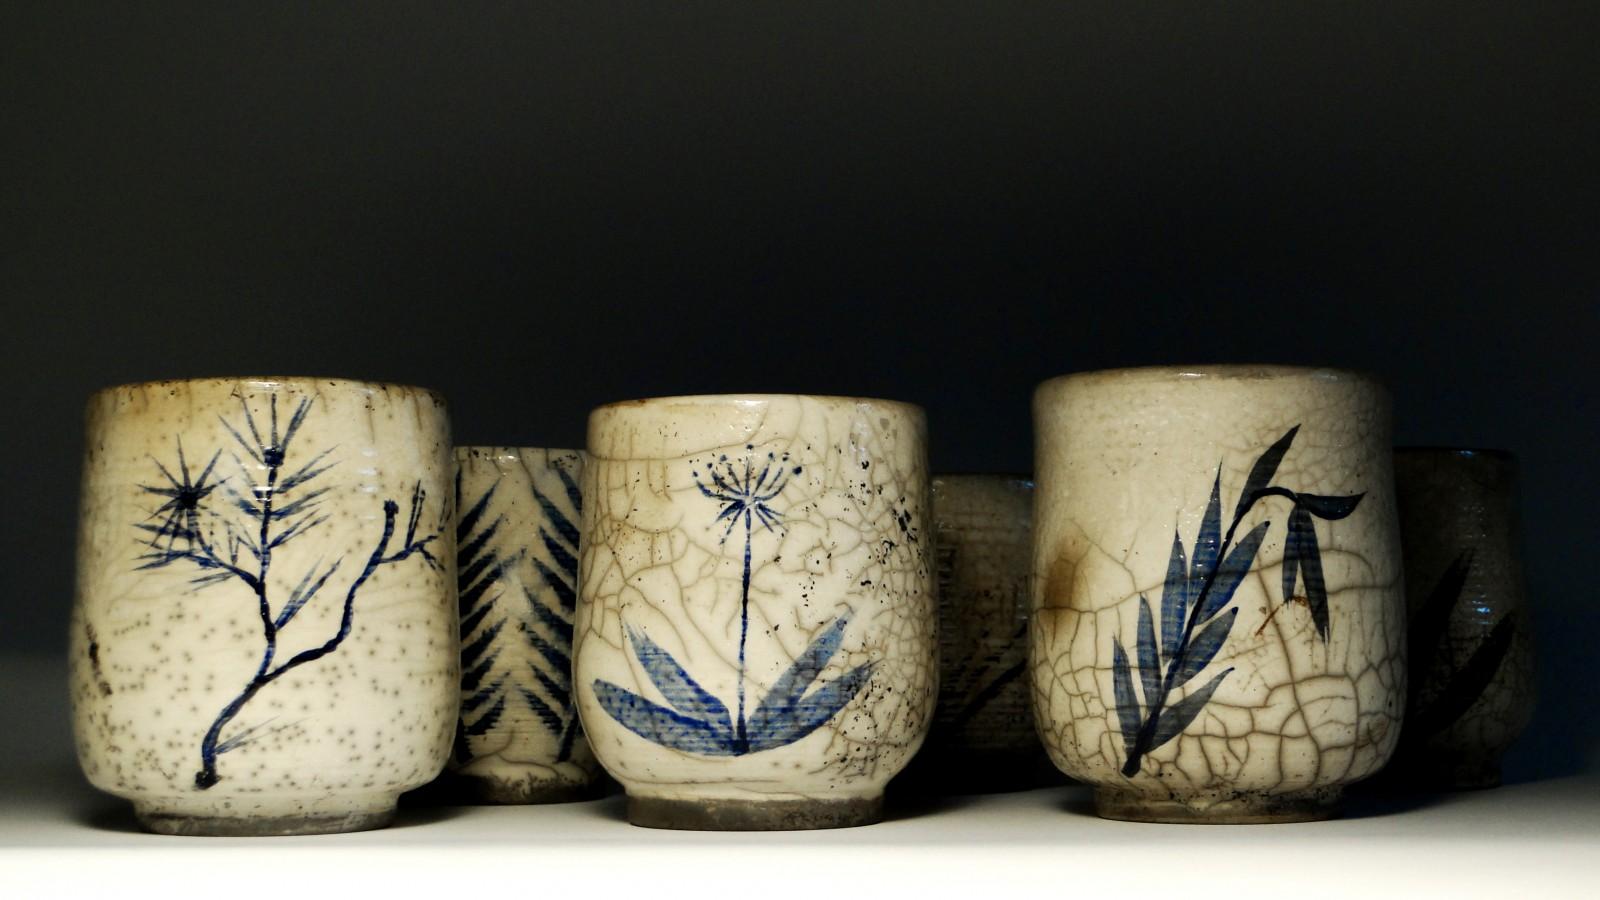 Komplet malowanych czarek do herbaty